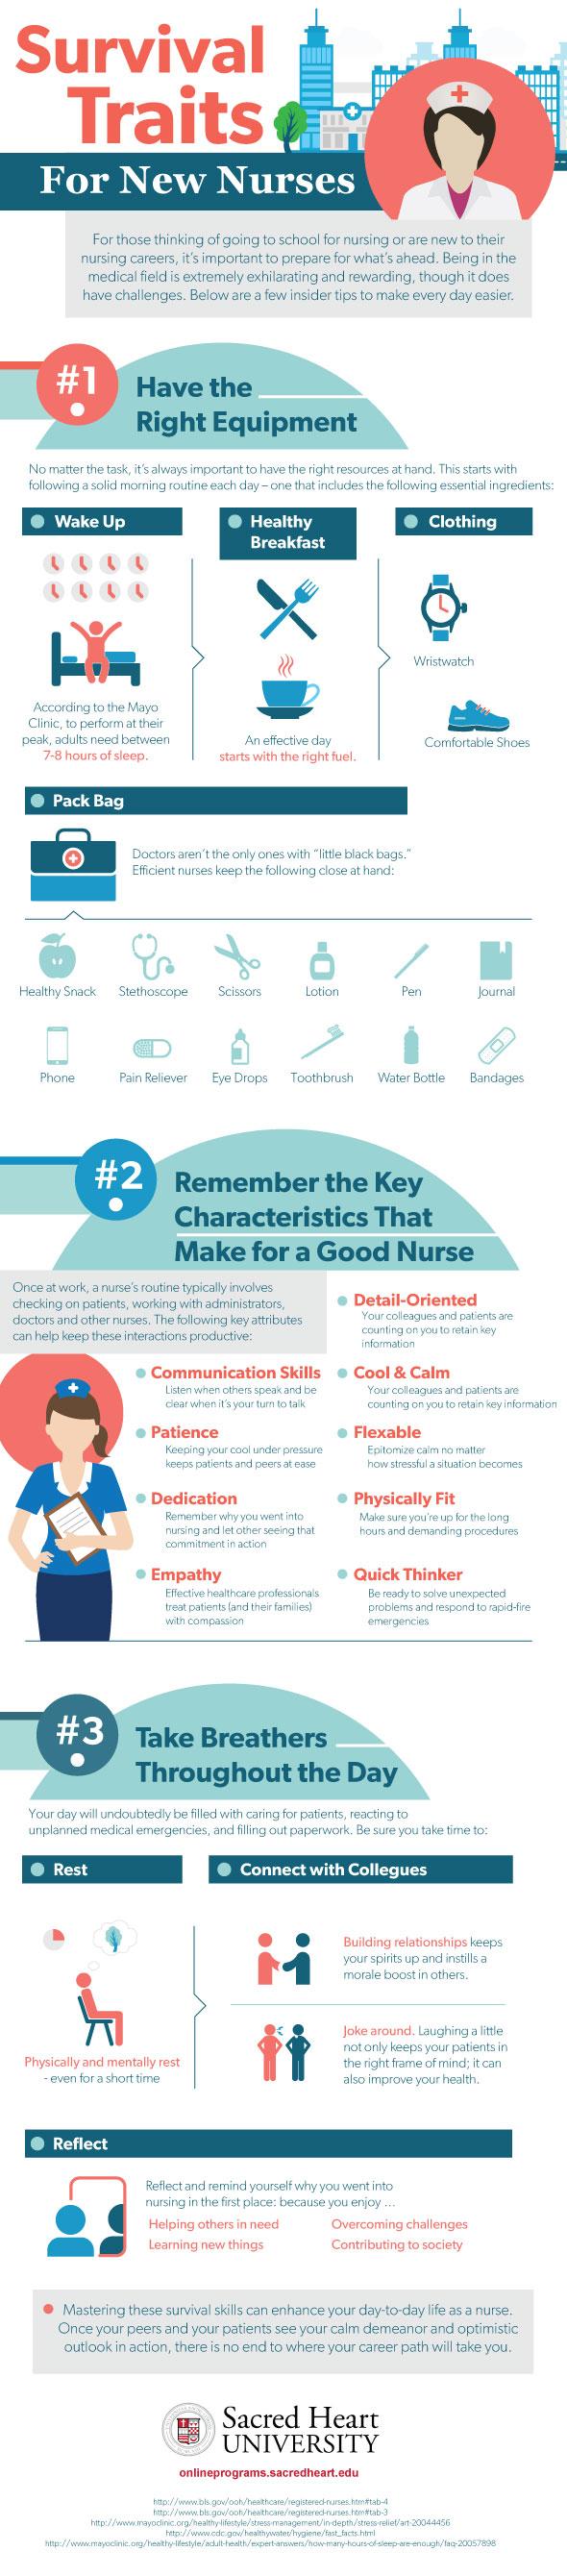 Survival-Traits-For-New-Nurses